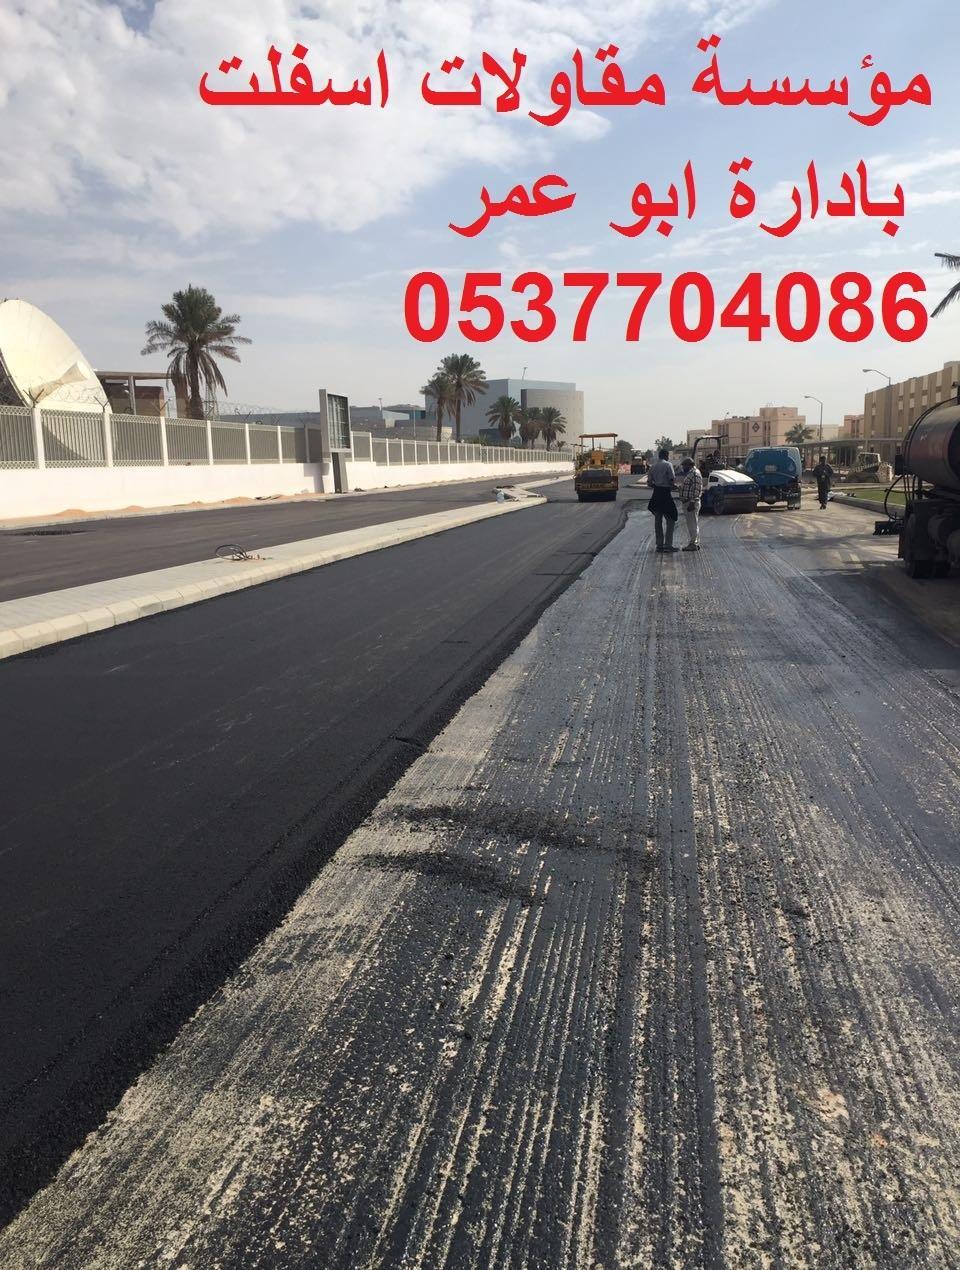 اسفلت الرياض اسفلت المملكة 0537704086